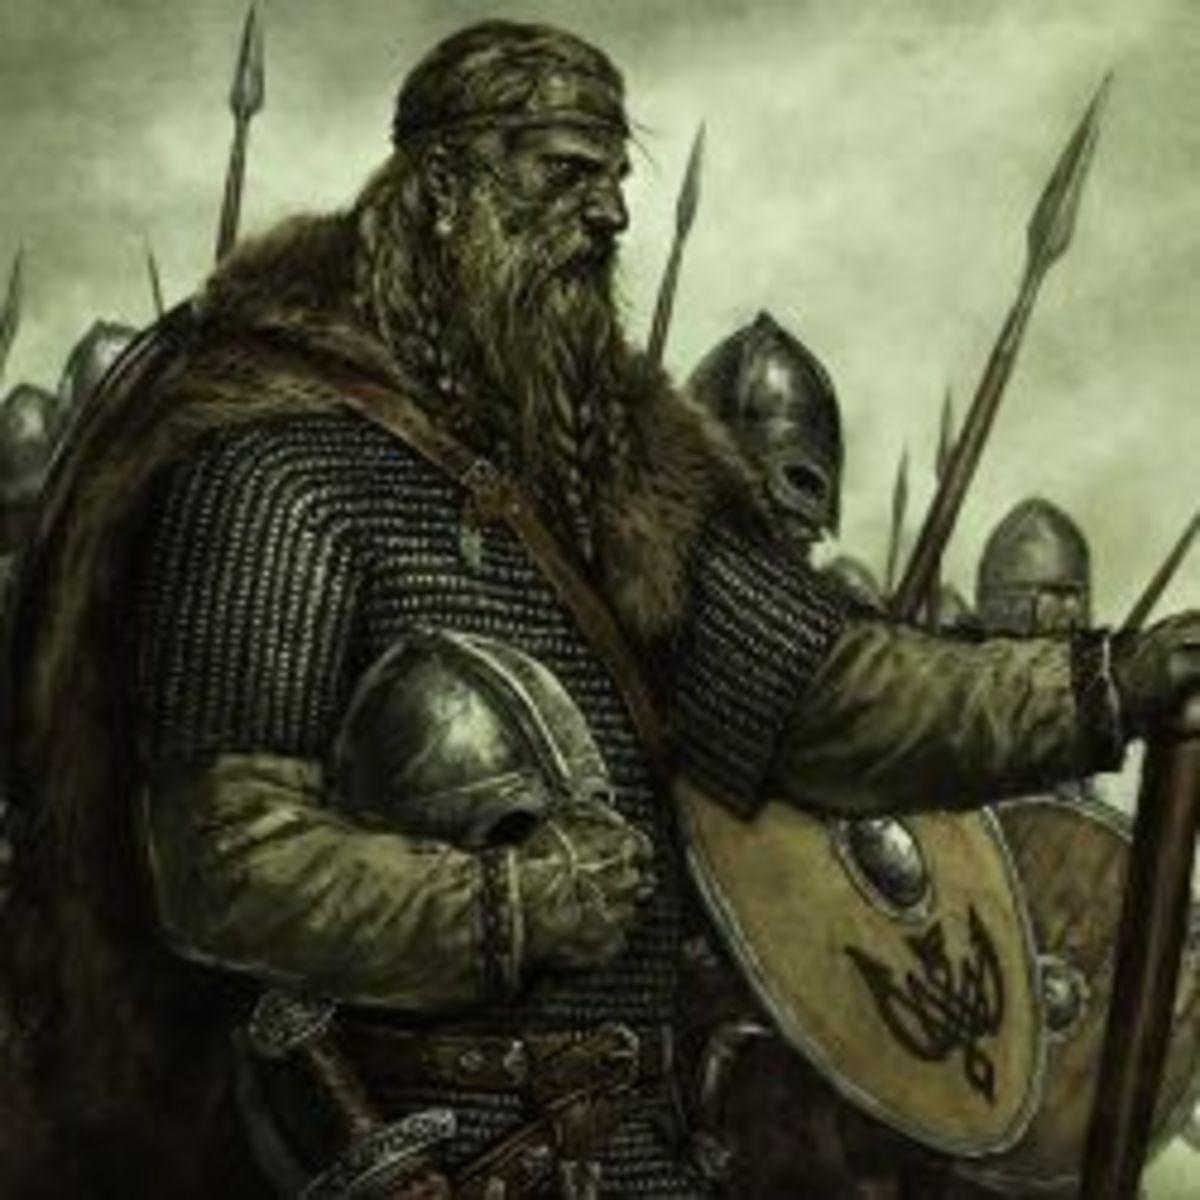 Hrolf the Ganger